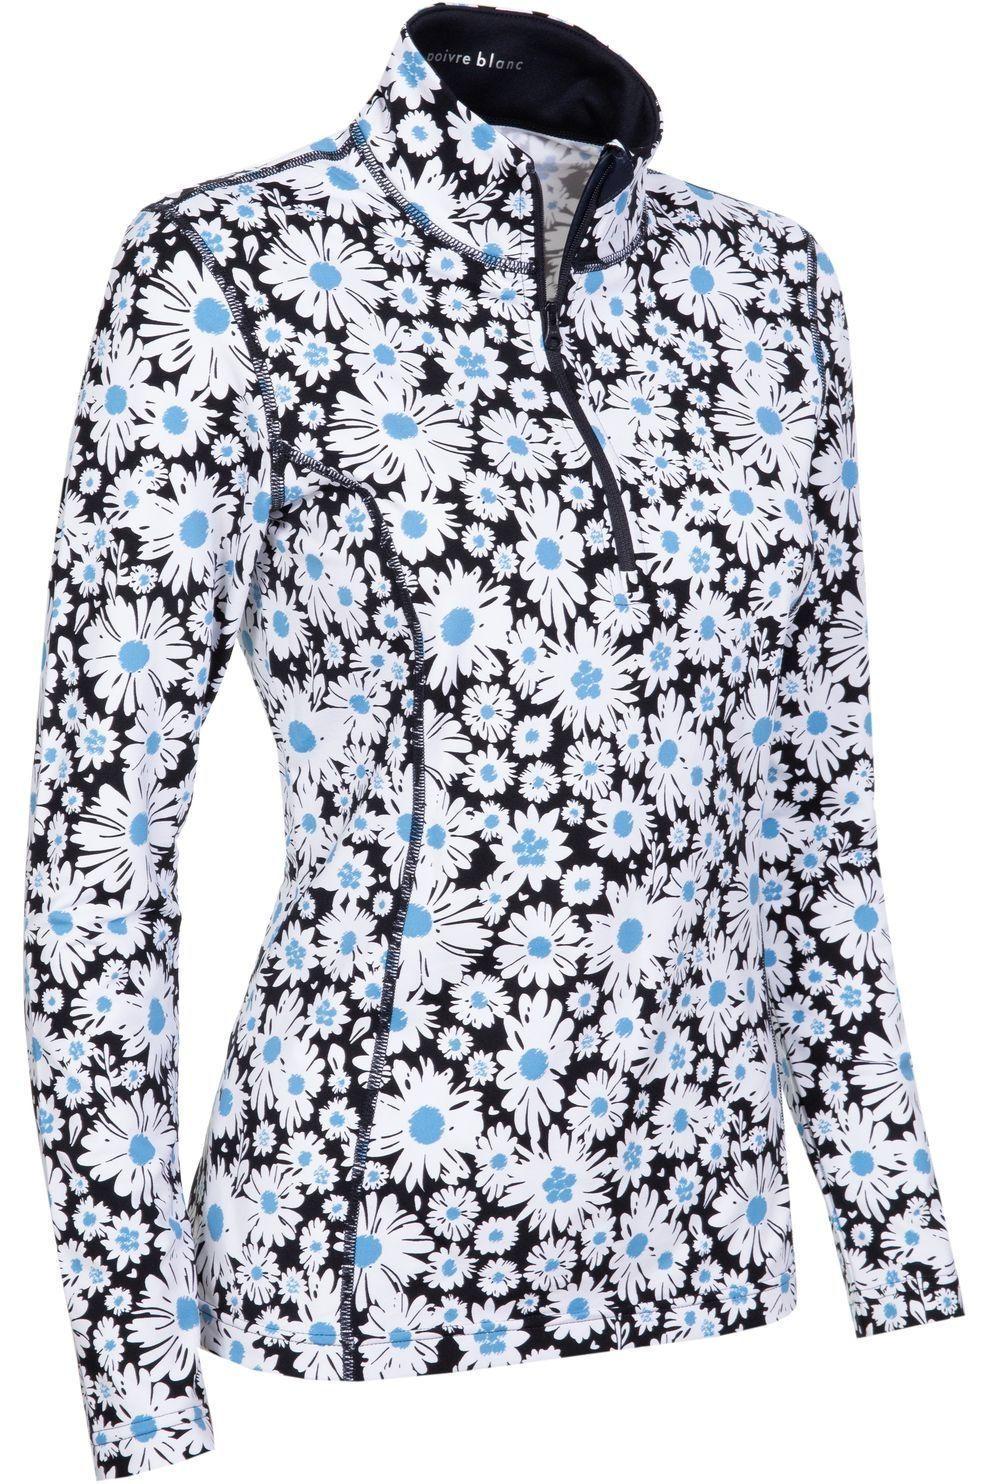 Poivre Blanc Fleece Technical Base Layer Daisy voor dames - Blauw - Maat: S